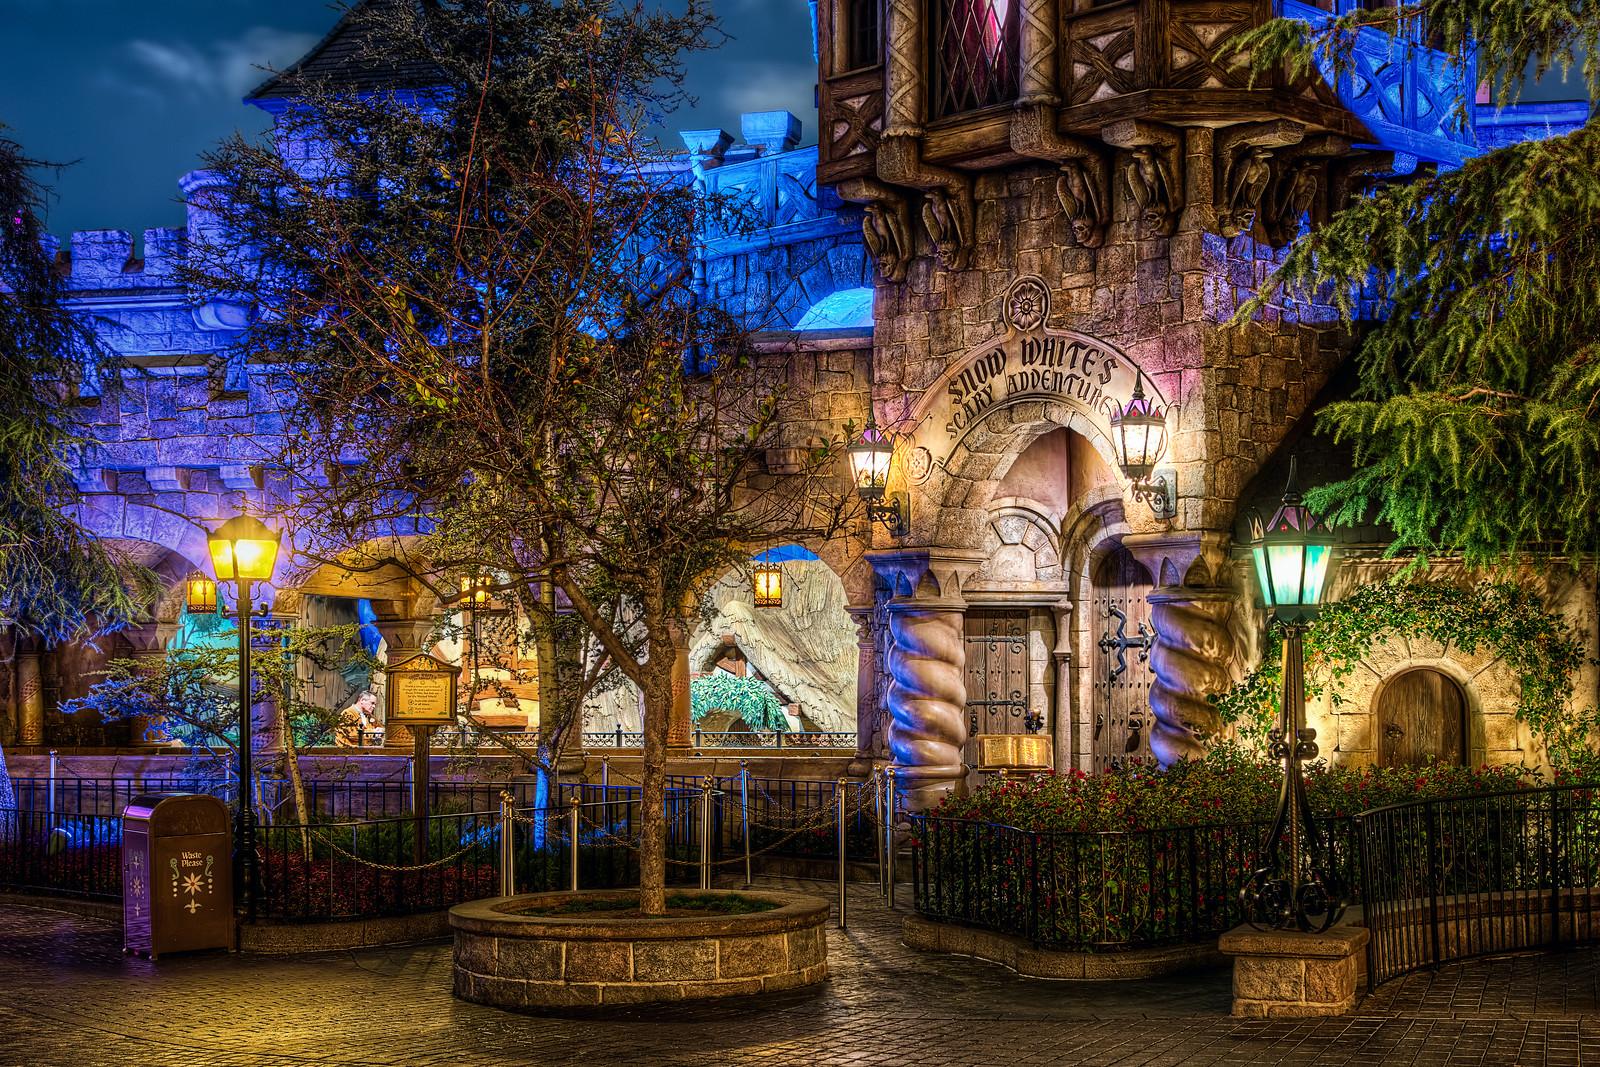 Snow White's Scary Adventures Disneyland